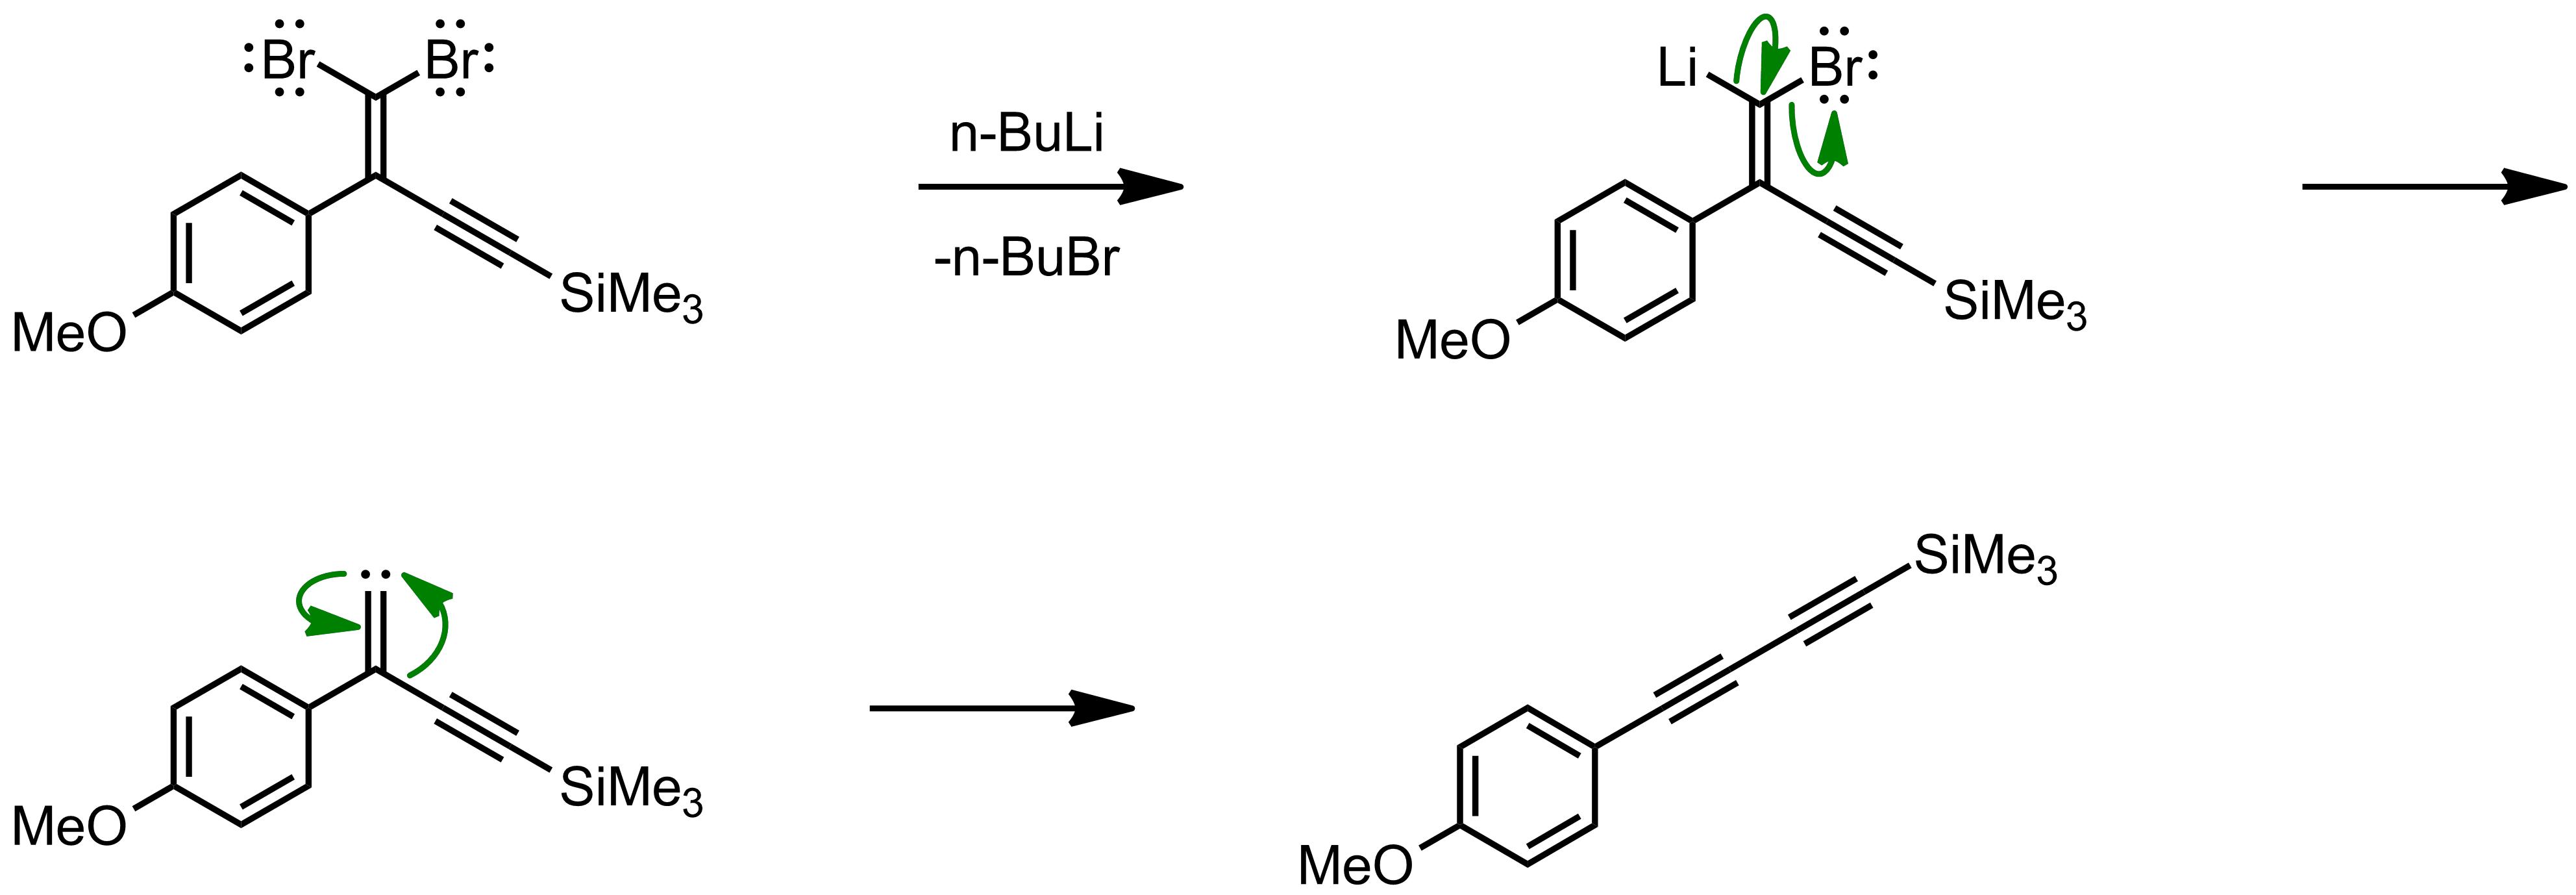 Mechanism of the Fritsch-Buttenberg-Wiechell Rearrangement